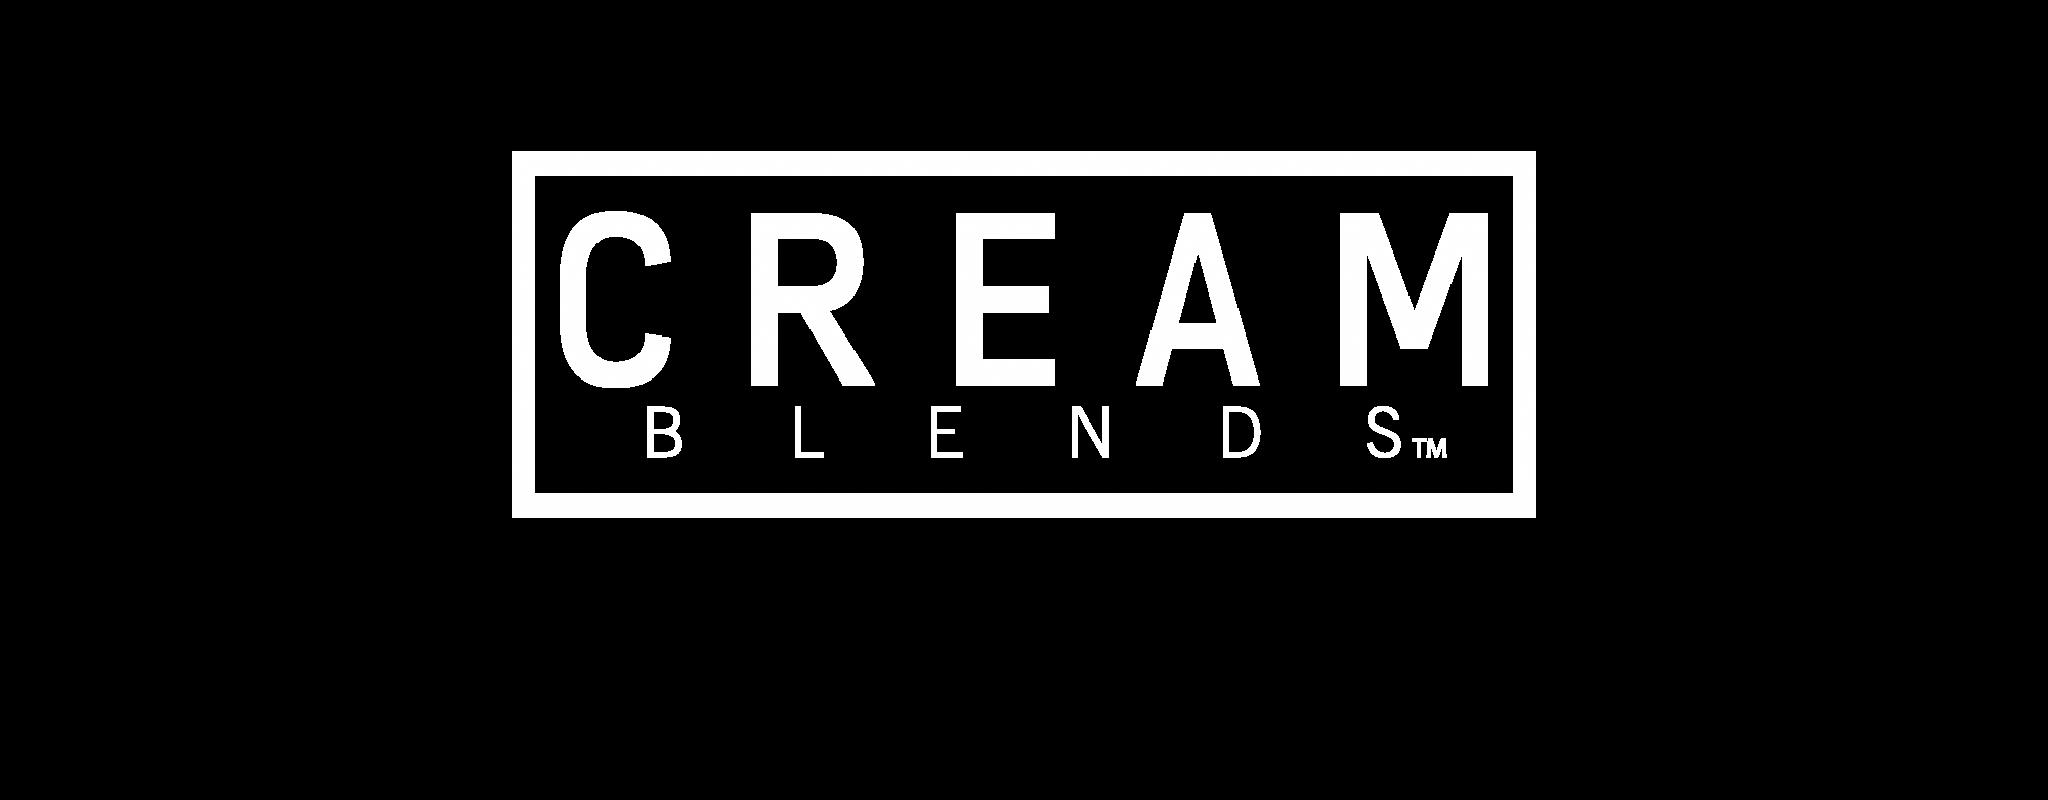 CREAM_BLENDS